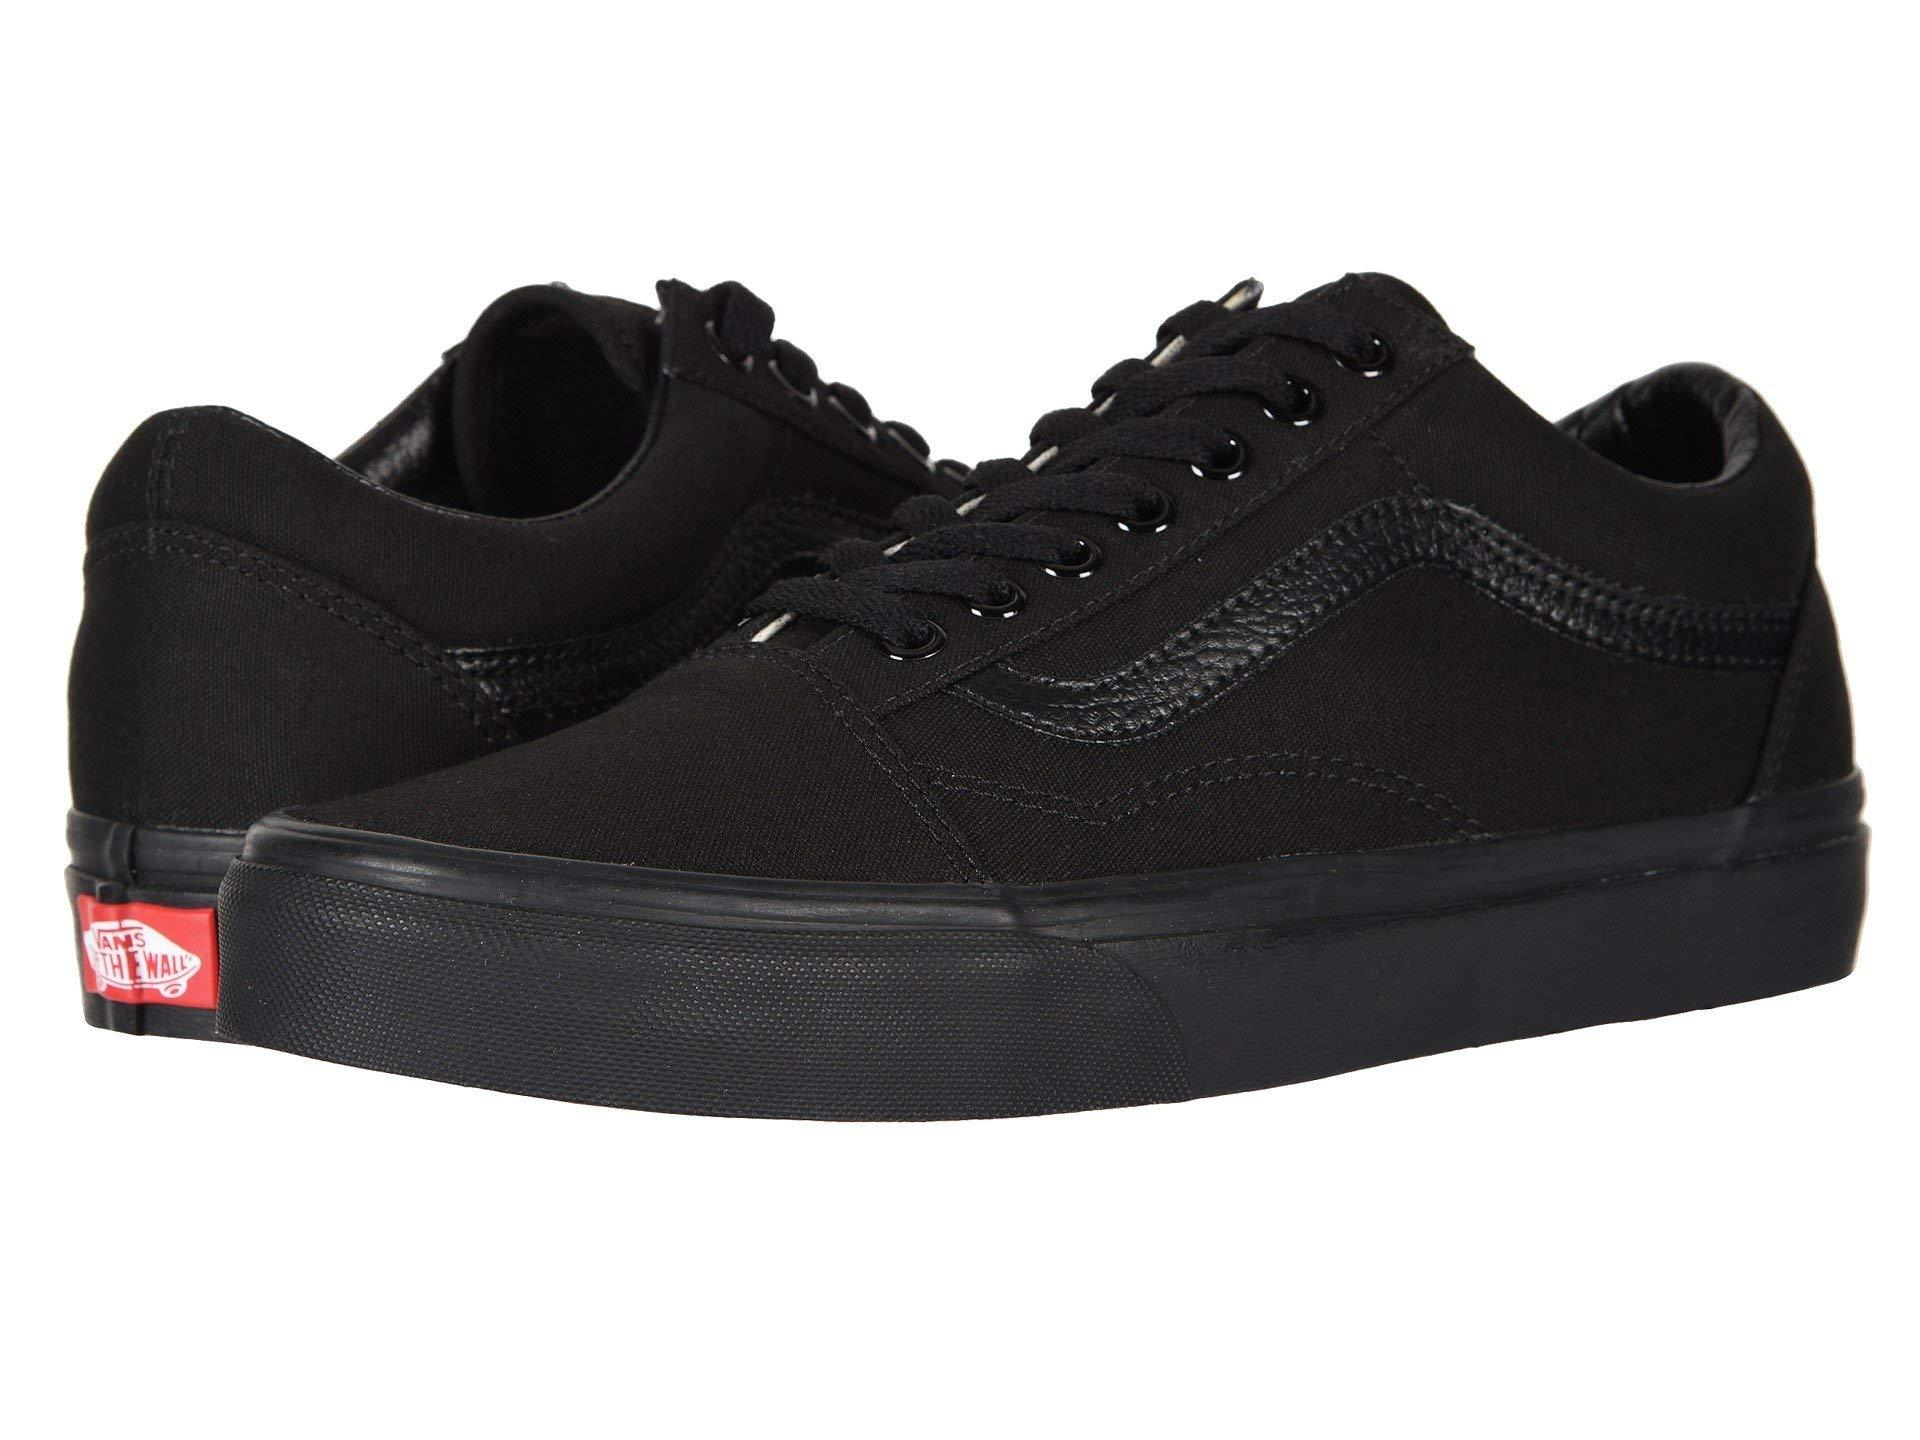 Vans Old Skool Black/Black Size 6 M US Women / 4.5 M US Men by Vans (Image #1)